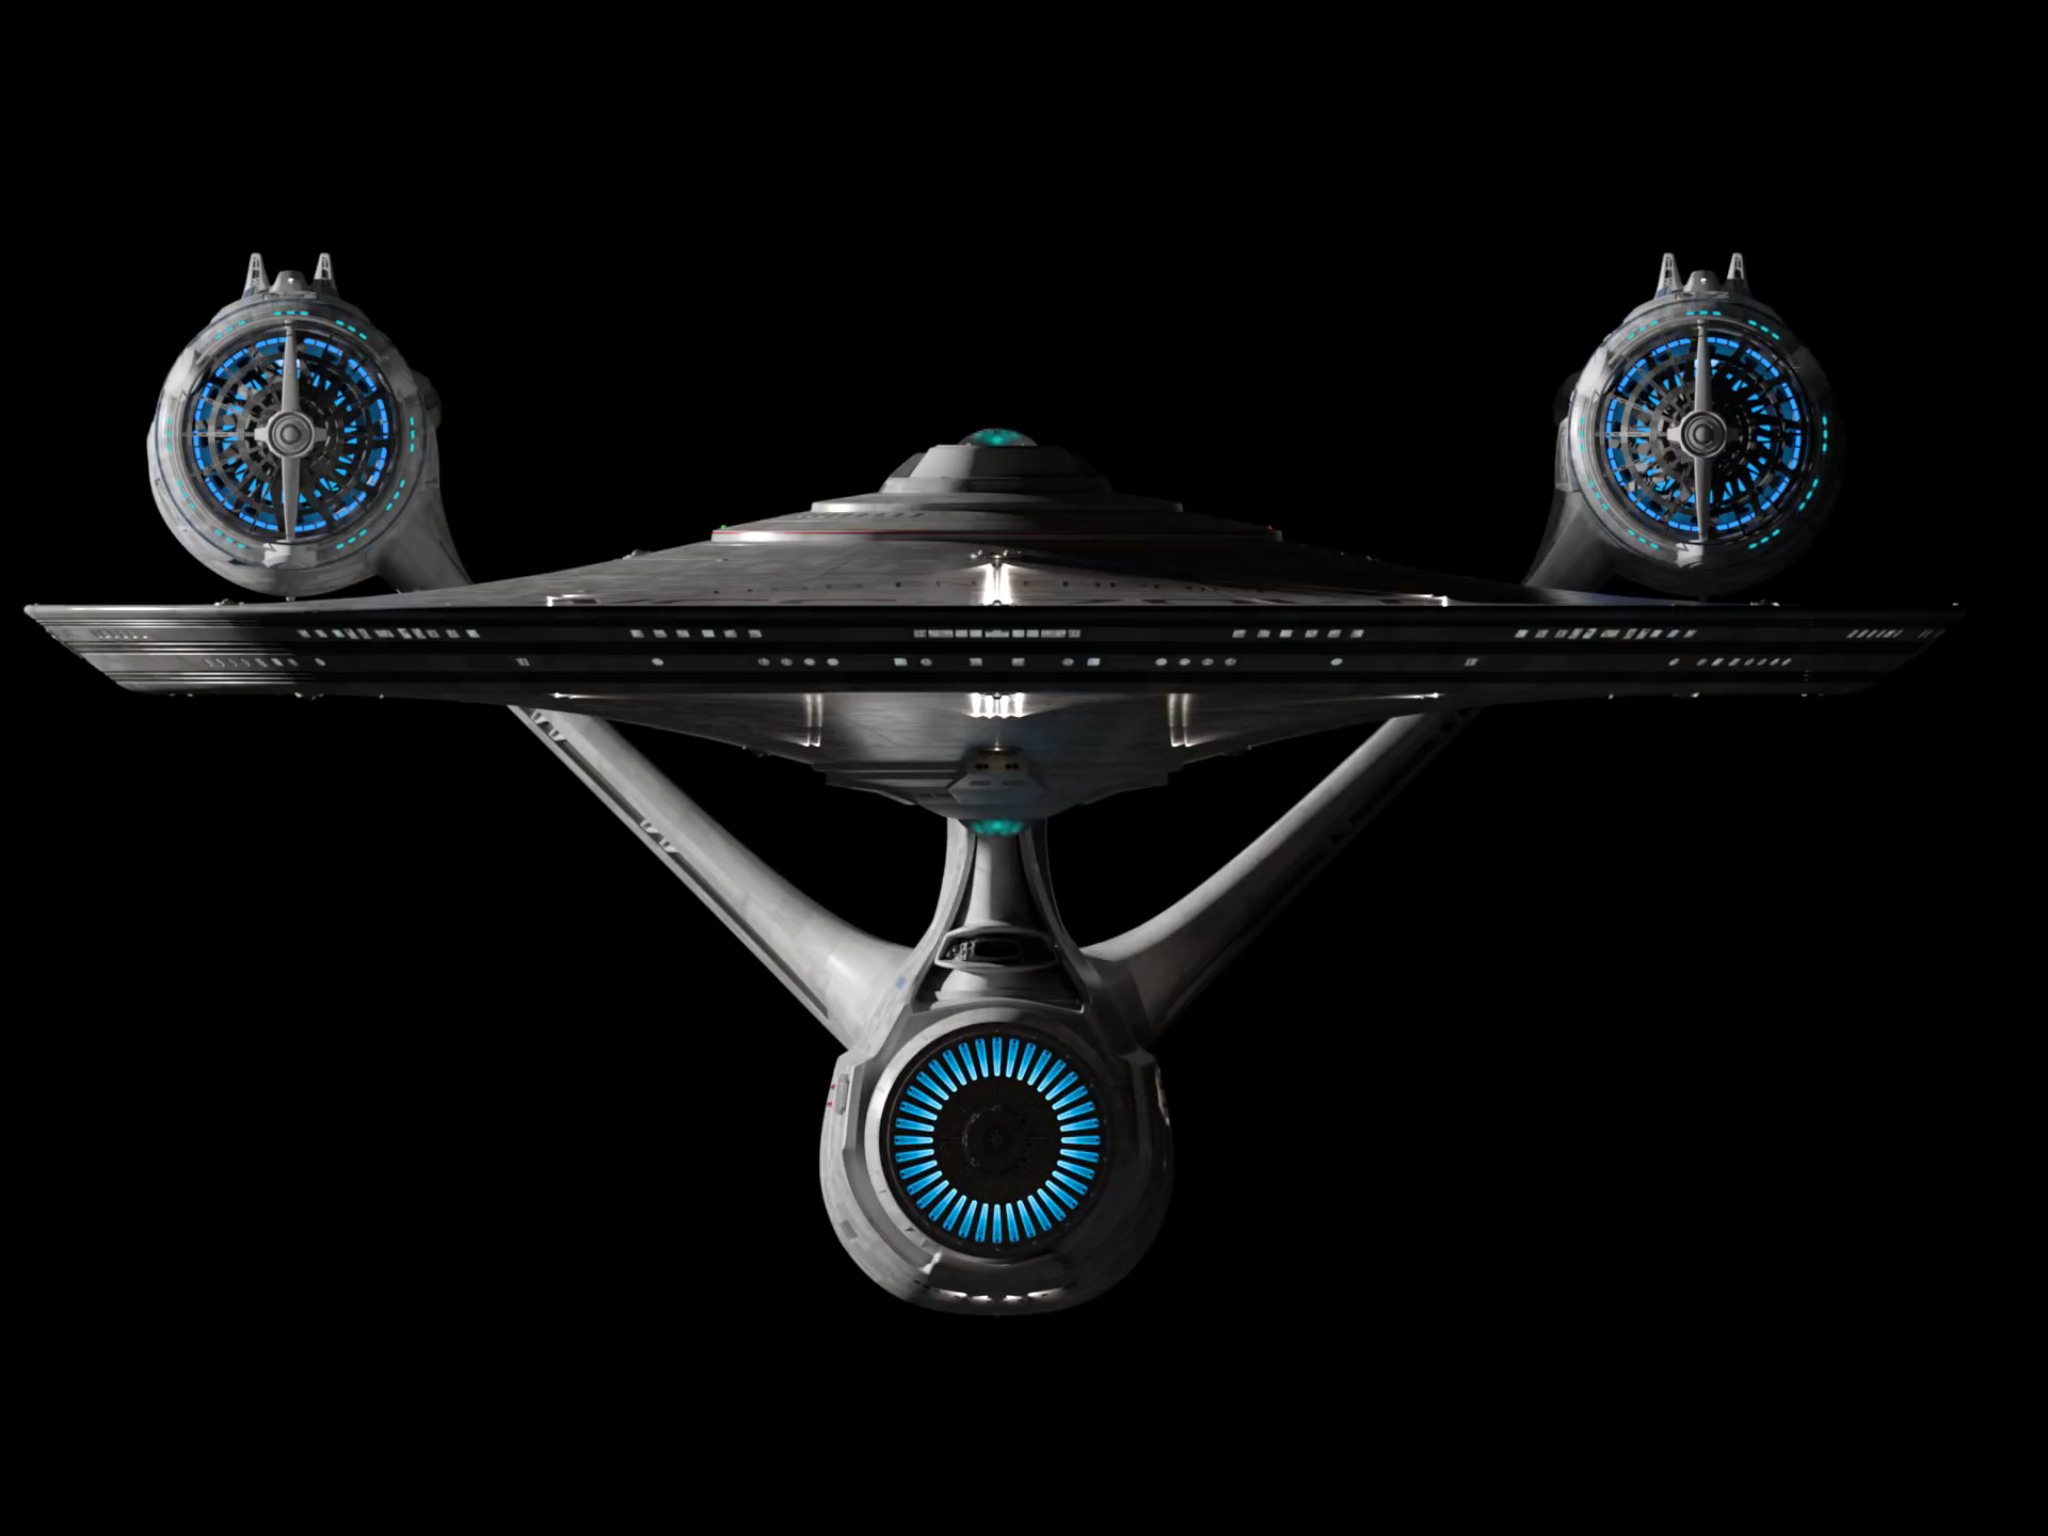 Enterprise Ncc1701 A Kelvin Timeline Star Trek Ships Star Trek Actors Star Trek 2009